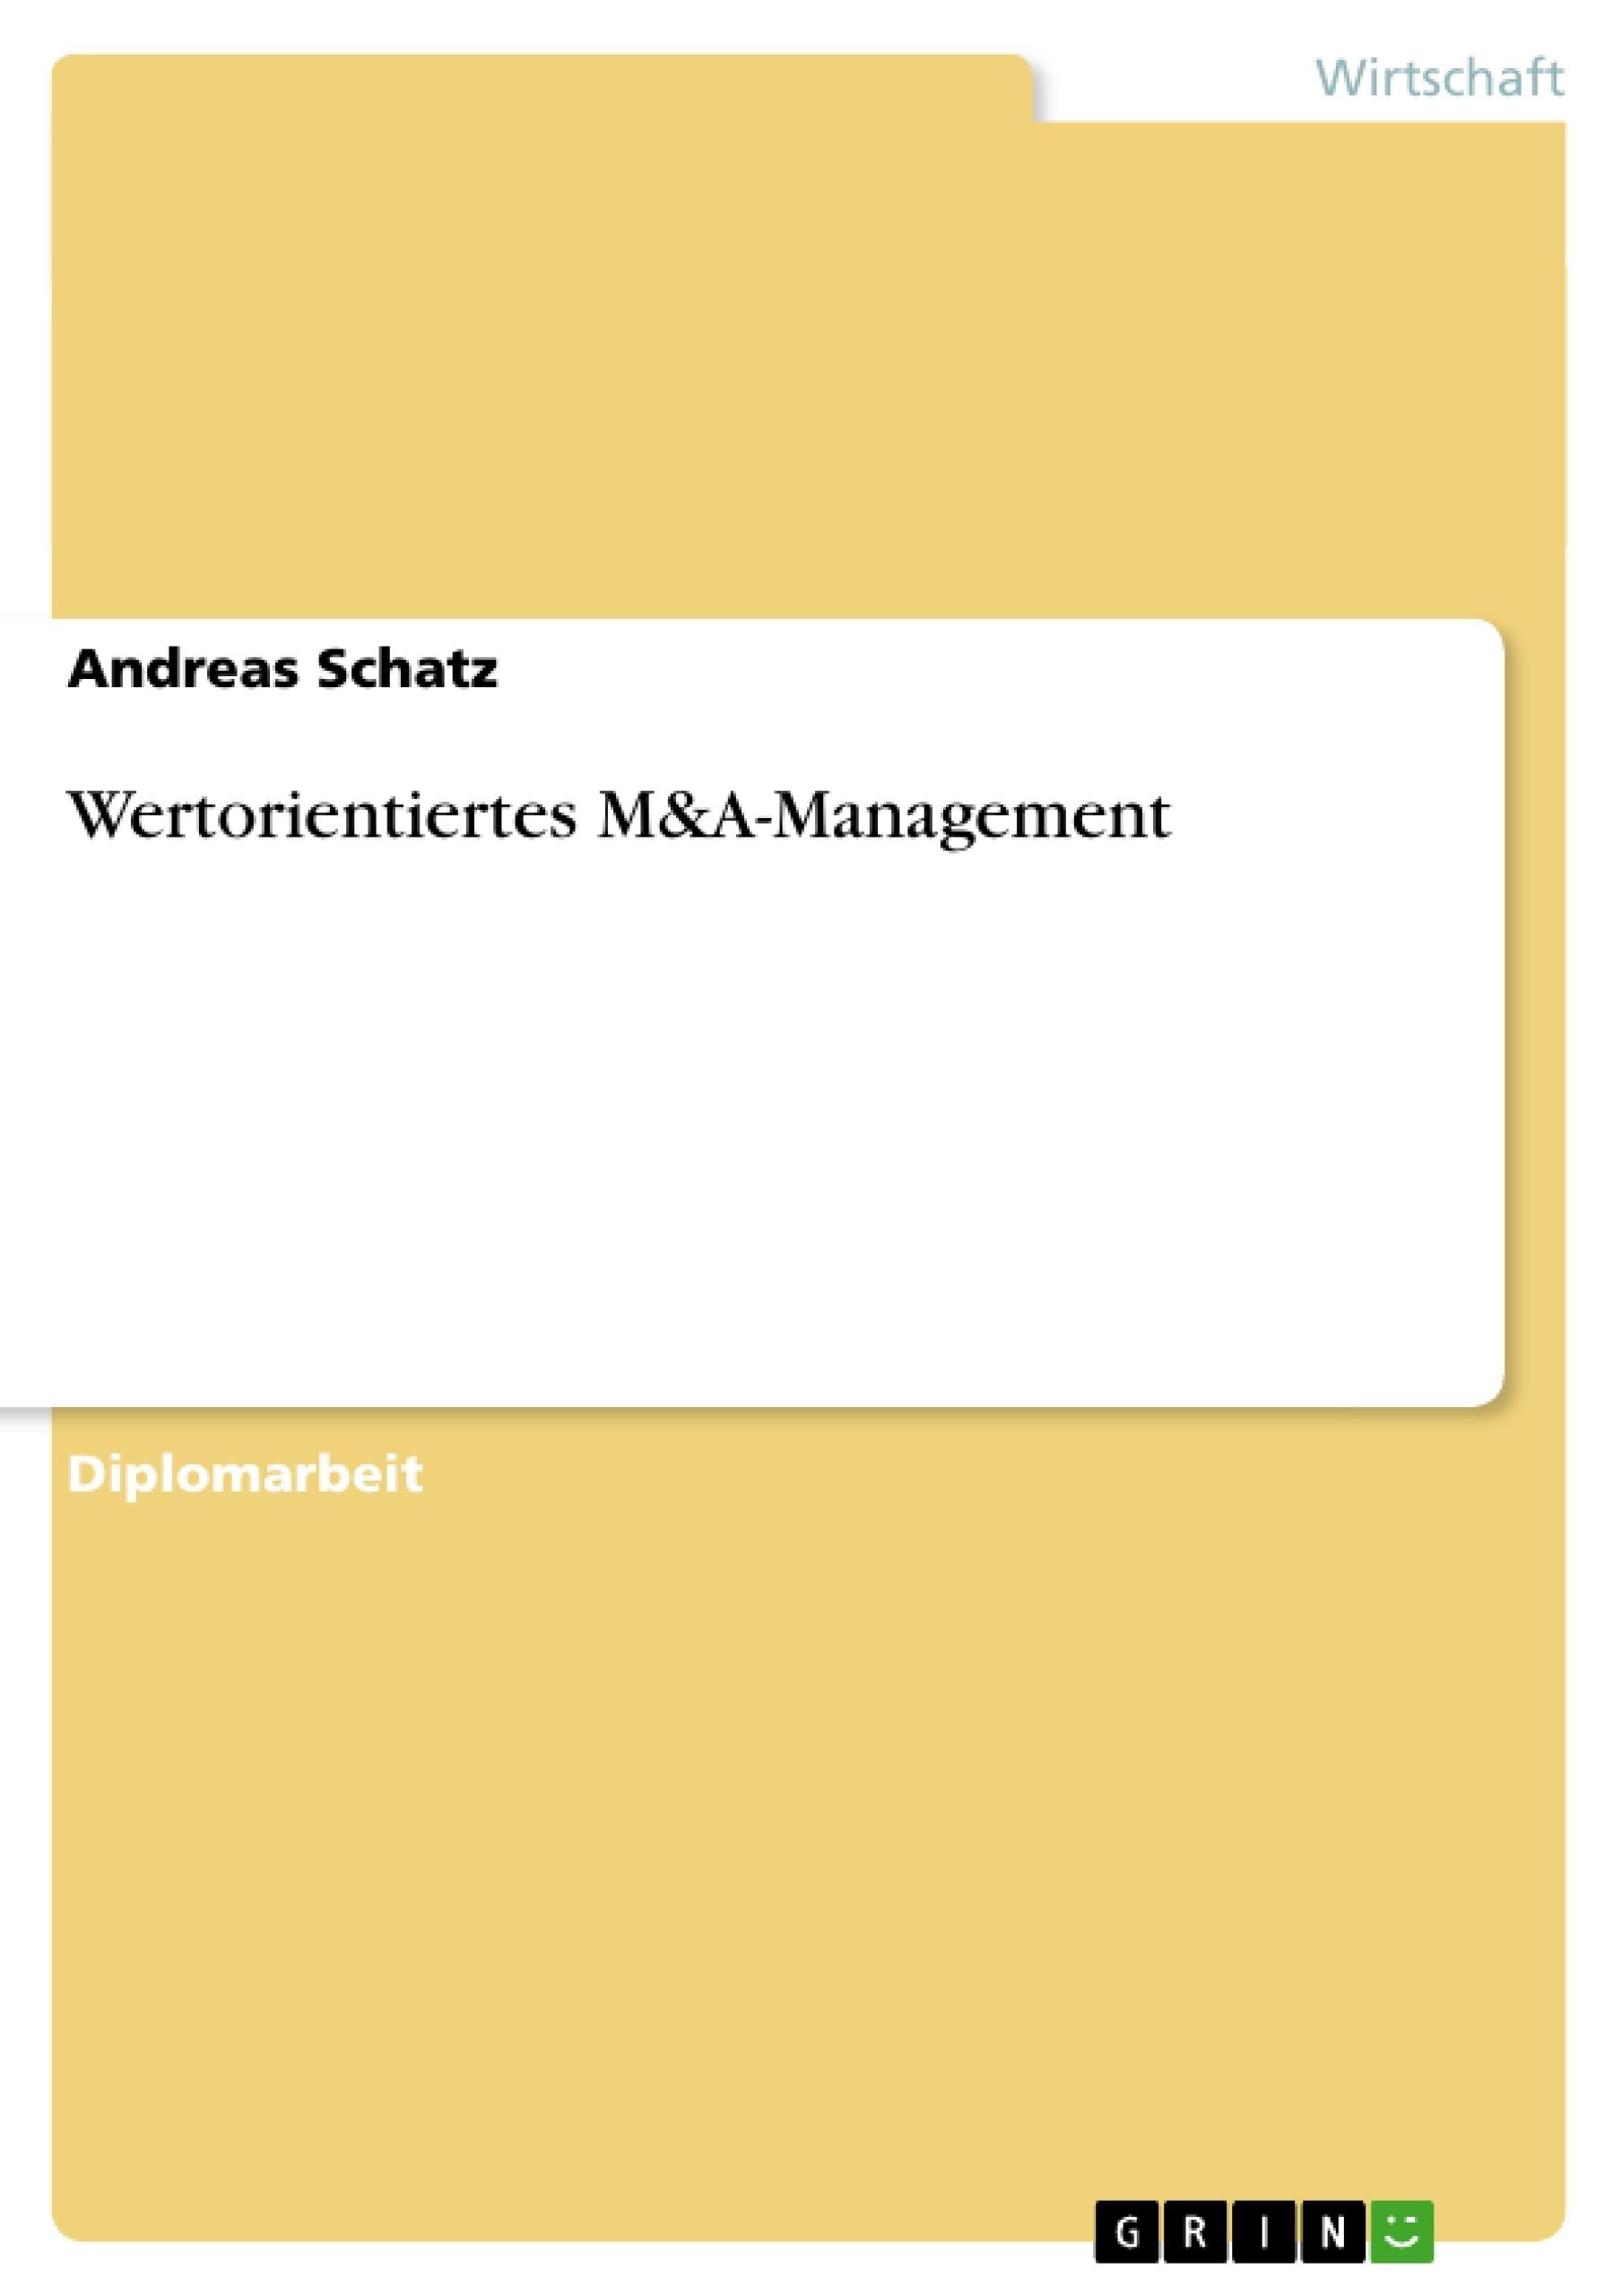 Titel: Wertorientiertes M&A-Management